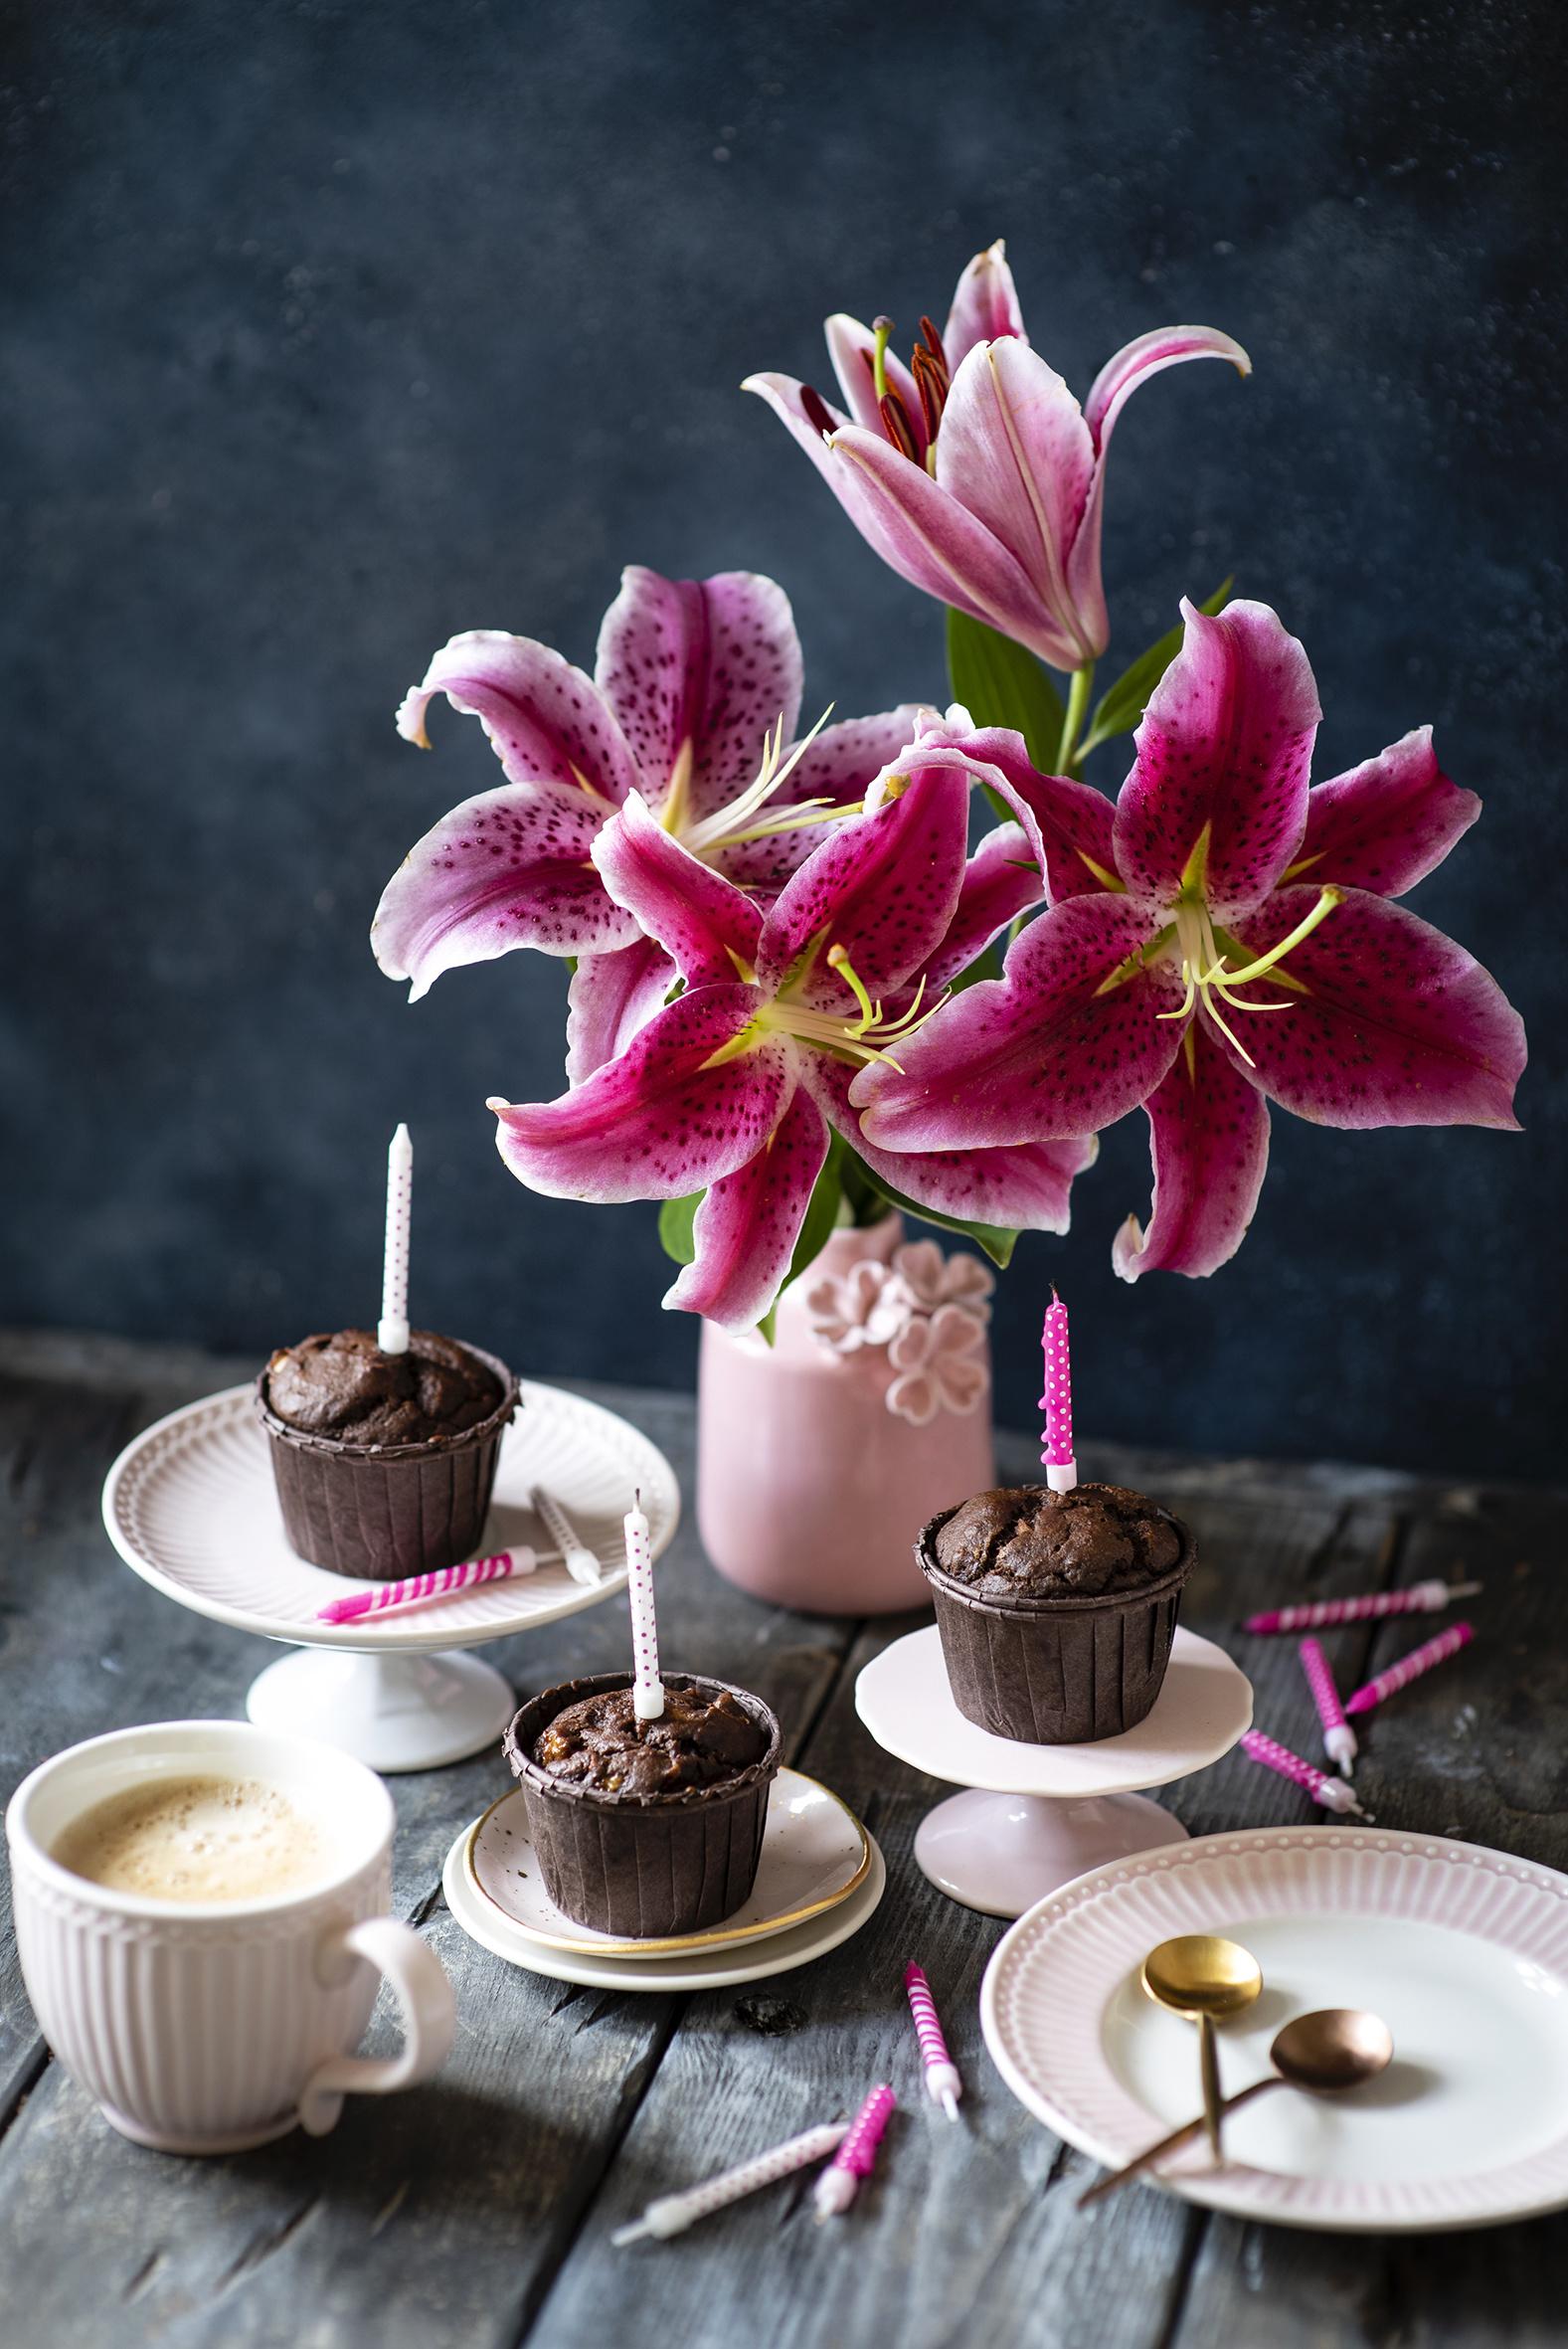 Фото Кофе Лилии Капучино Капкейк кекс цветок Еда вазе чашке Свечи Тарелка лилия Цветы Ваза вазы Пища Чашка тарелке Продукты питания